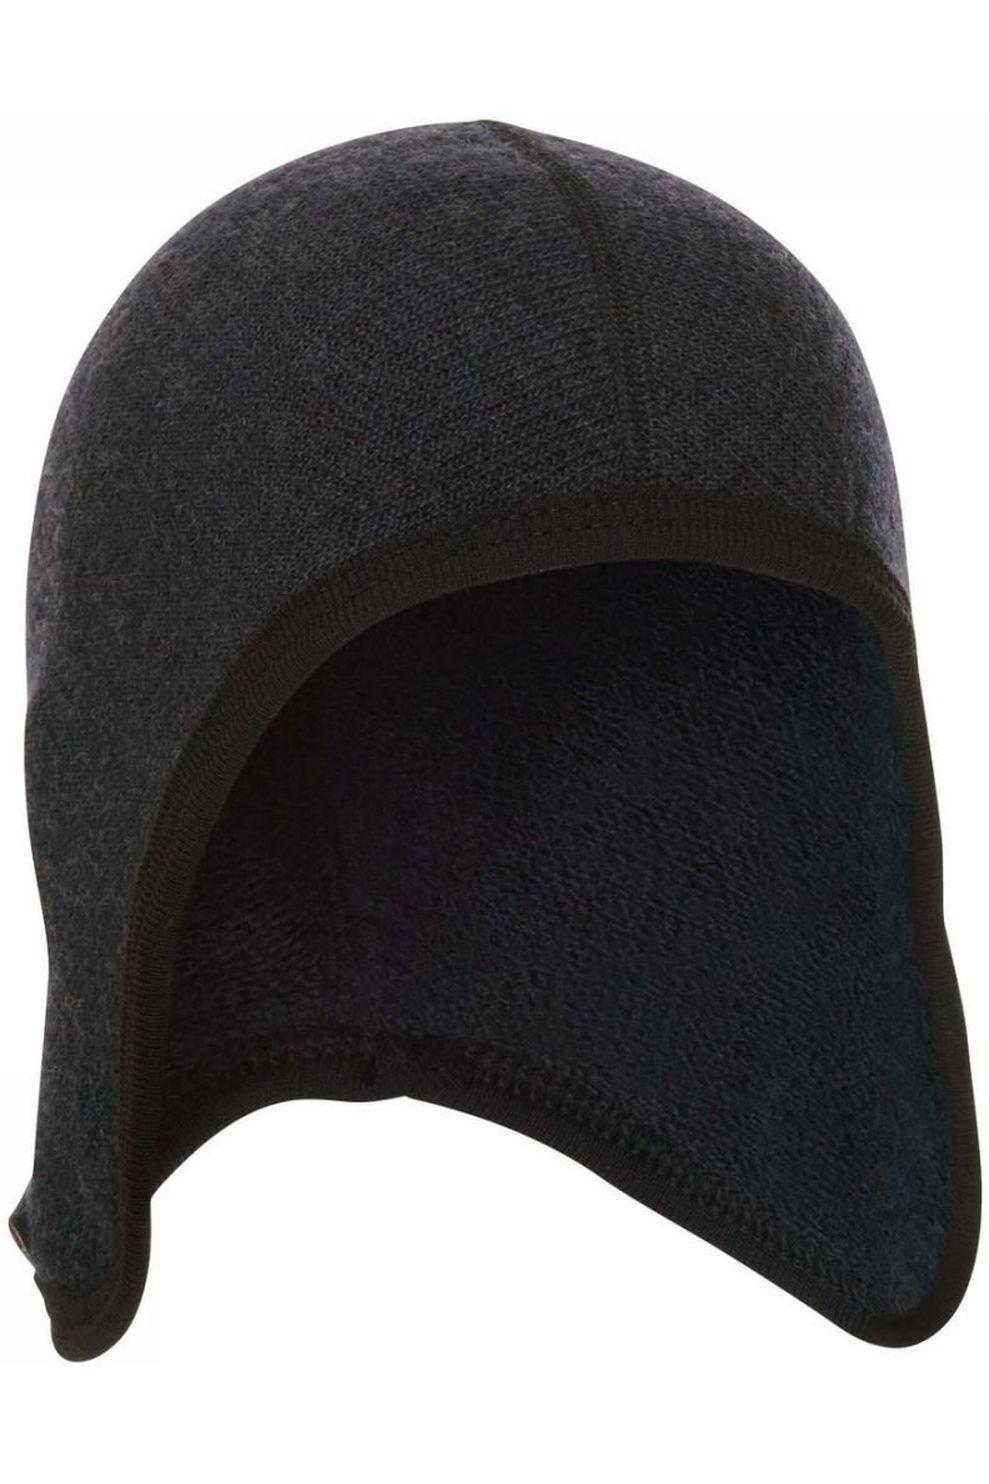 Woolpower Muts Helmet Cap Protection 400 - Grijs